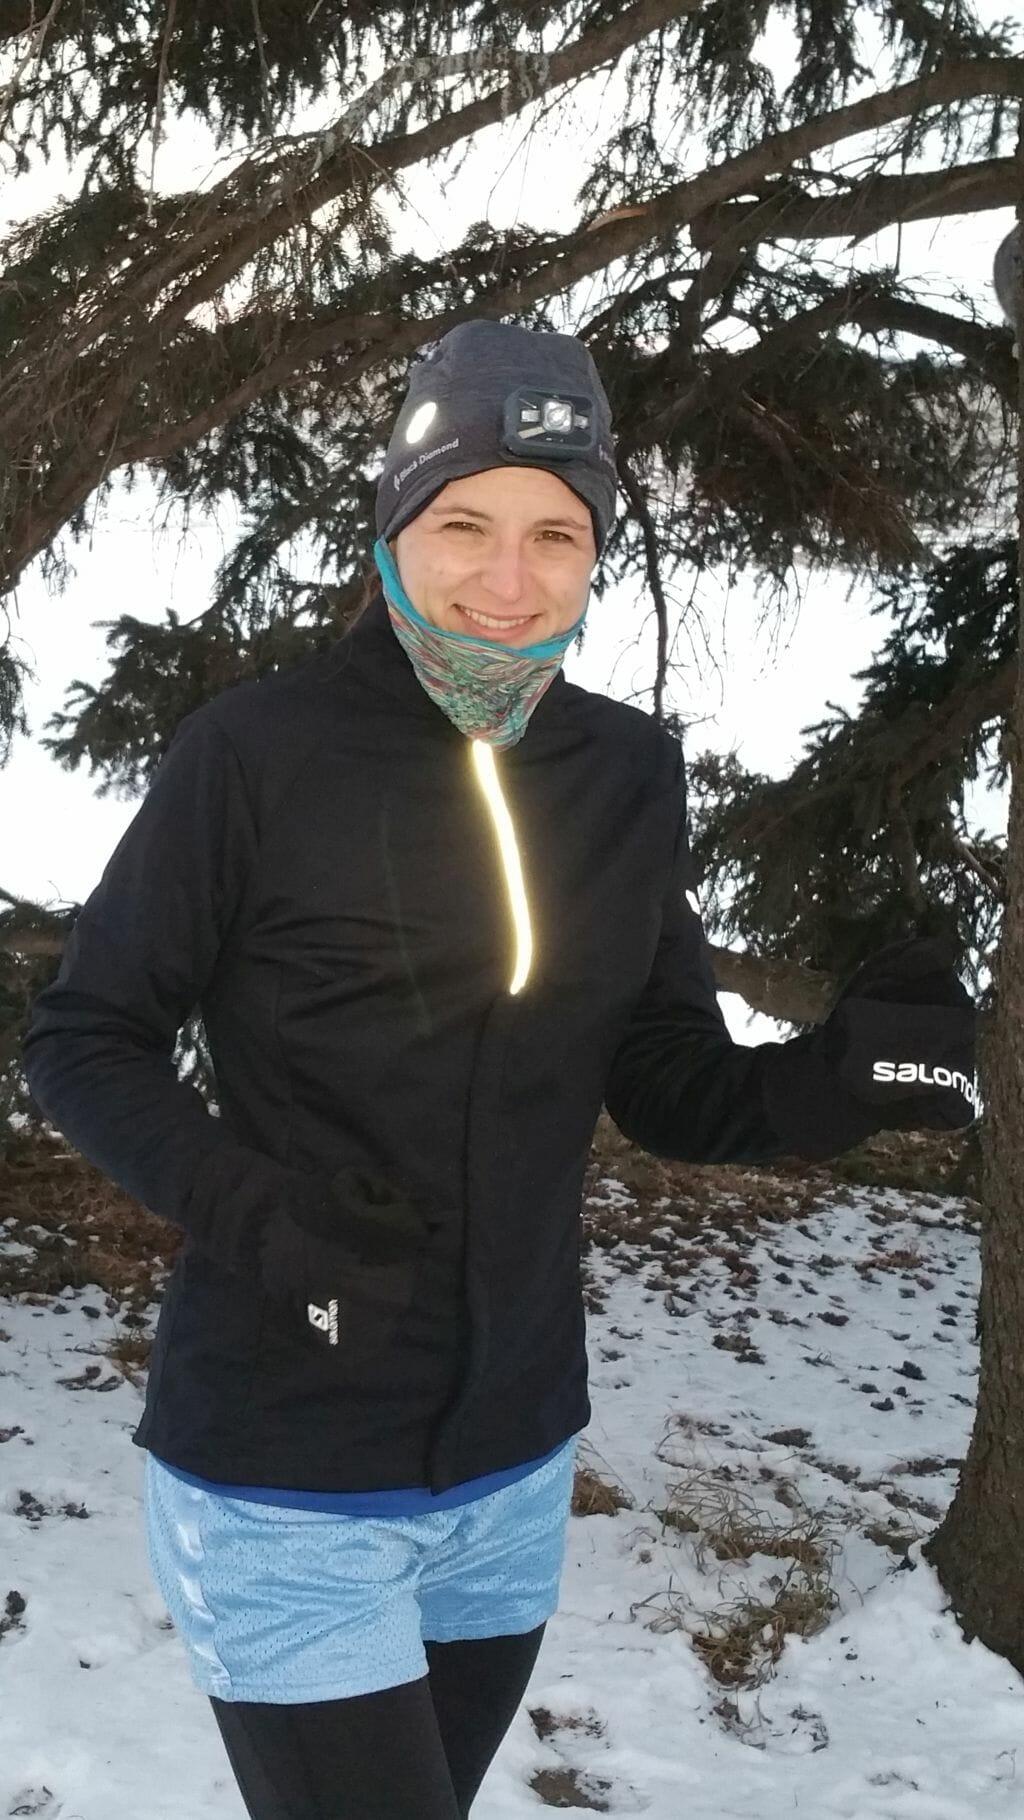 winter_running_gear - image10